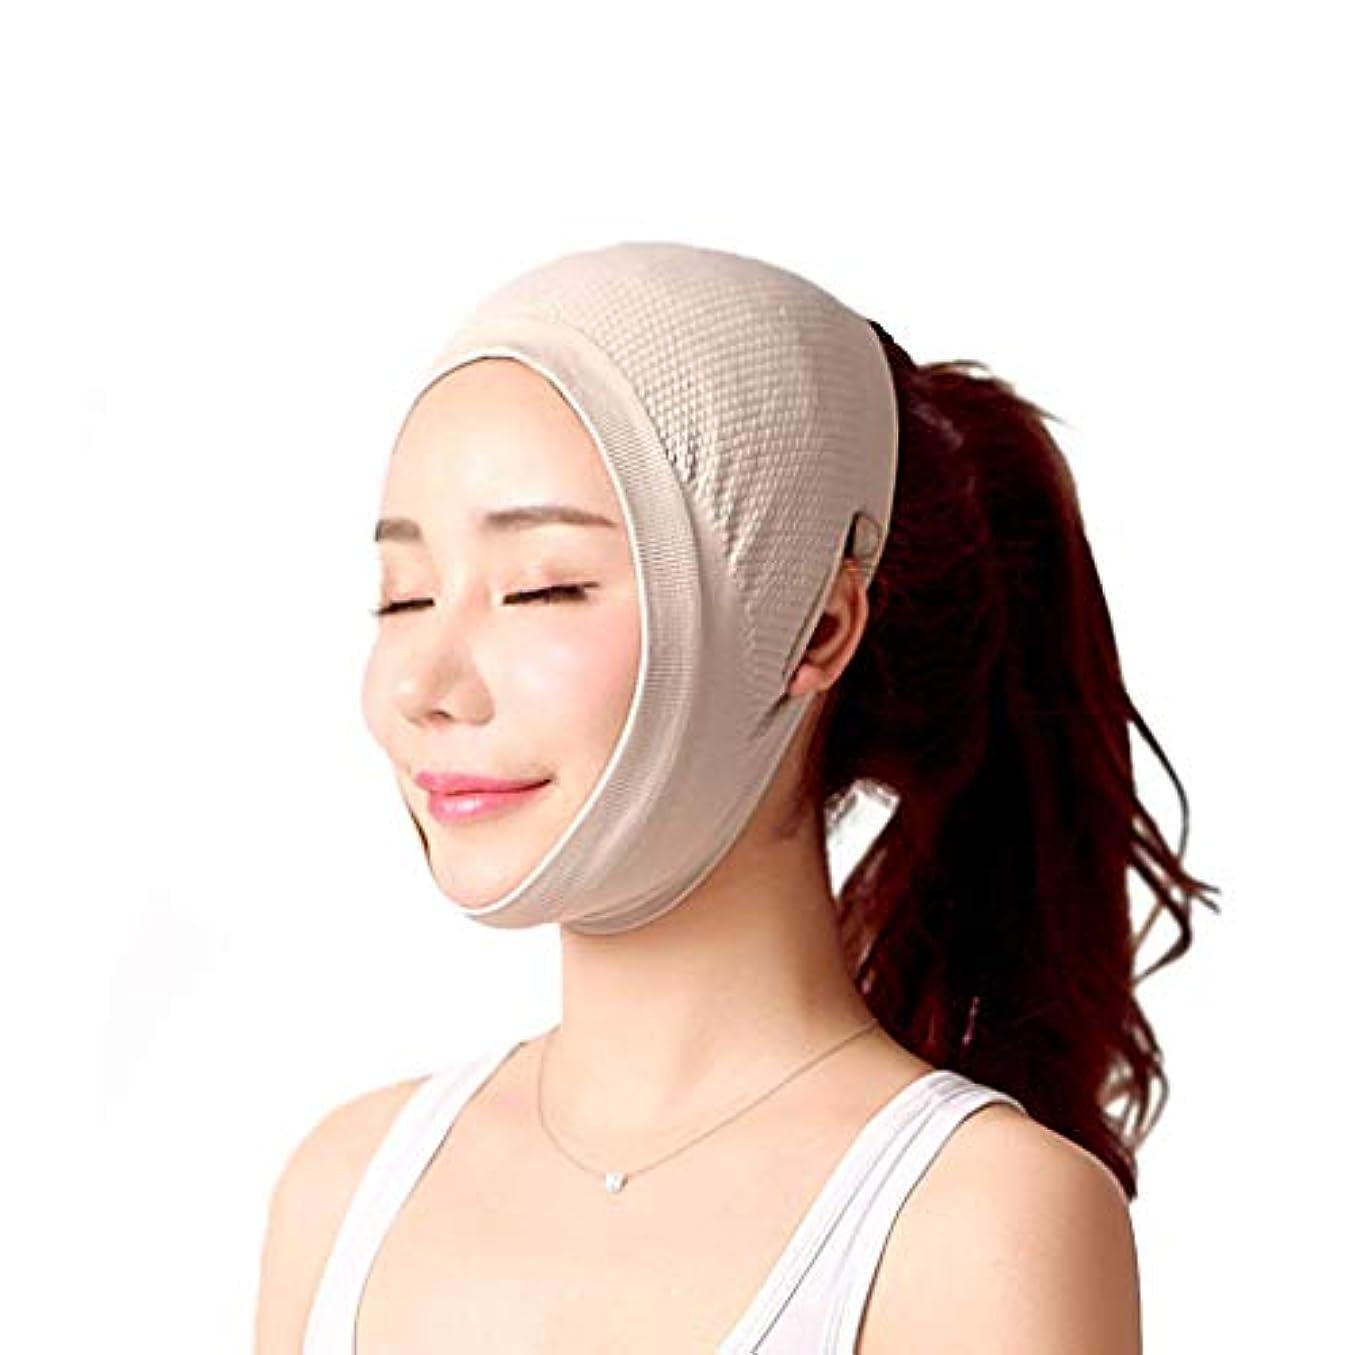 針持参動物顔痩身包帯、二重あご、二重あごを減らすために顔を持ち上げる、顔を引き締める、体重を減らすためのマスク(ワンサイズ)